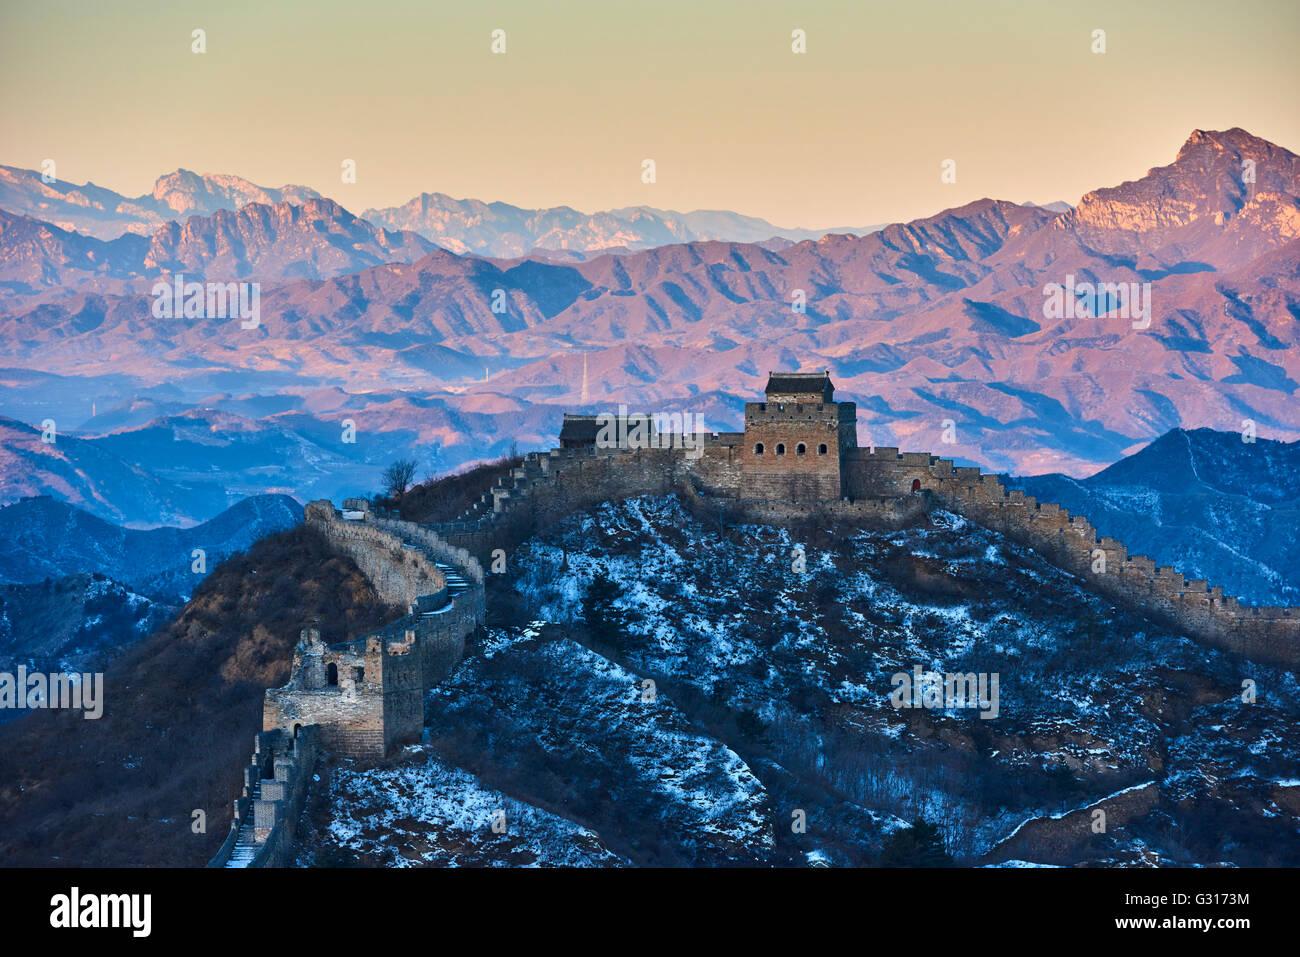 China, Provinz Hebei, Great Wall Of China, Jinshanling und Simatai-Abschnitt, UNESCO-Welterbe Stockbild